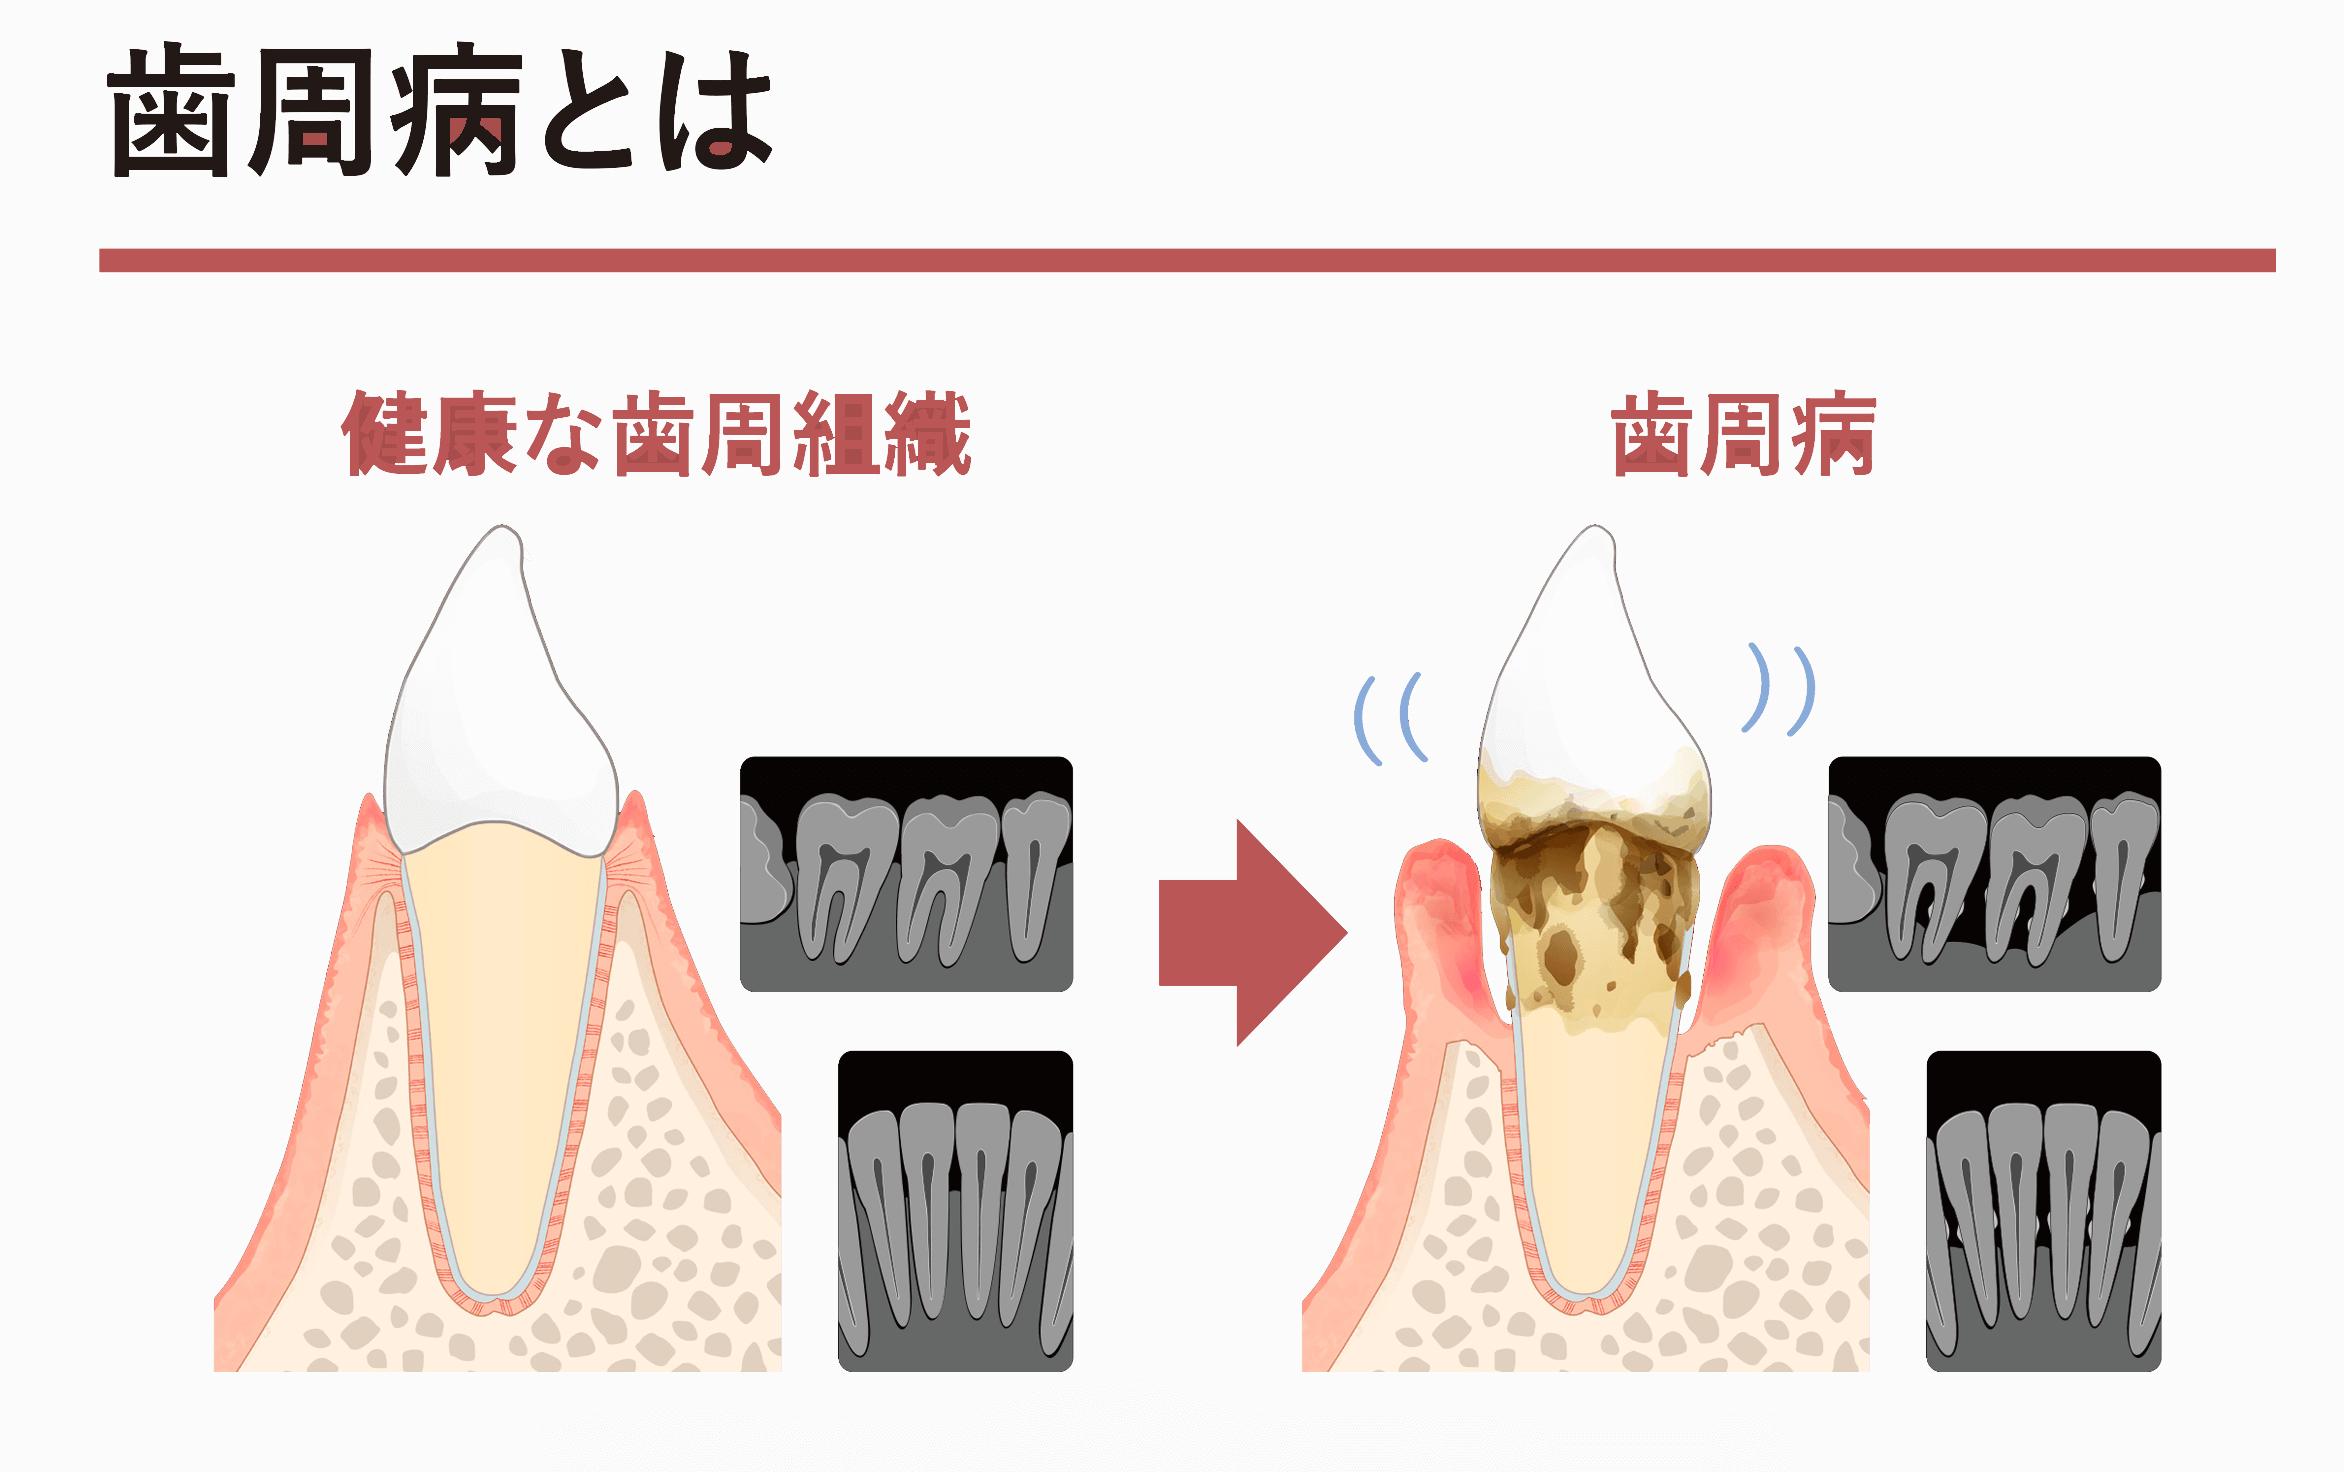 お役立ちツールに歯周病を説明するためのツールが加わりました